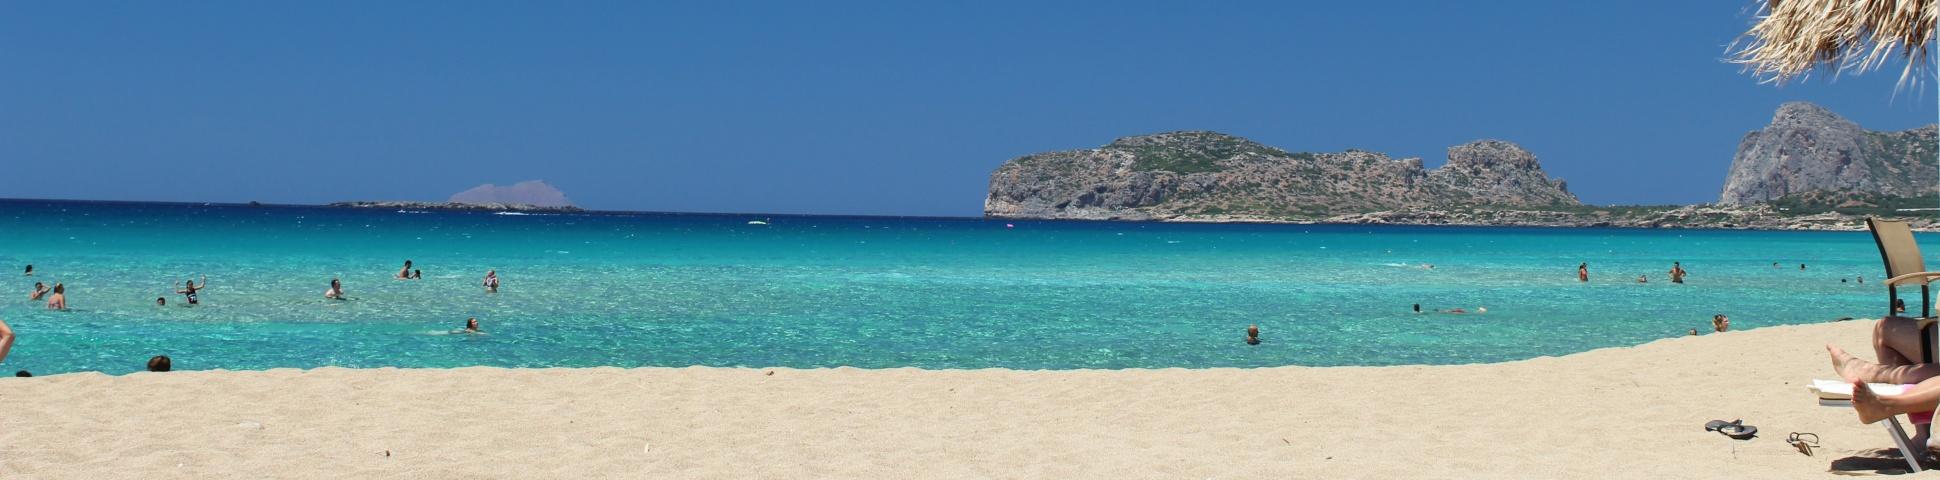 Crete (Greece)